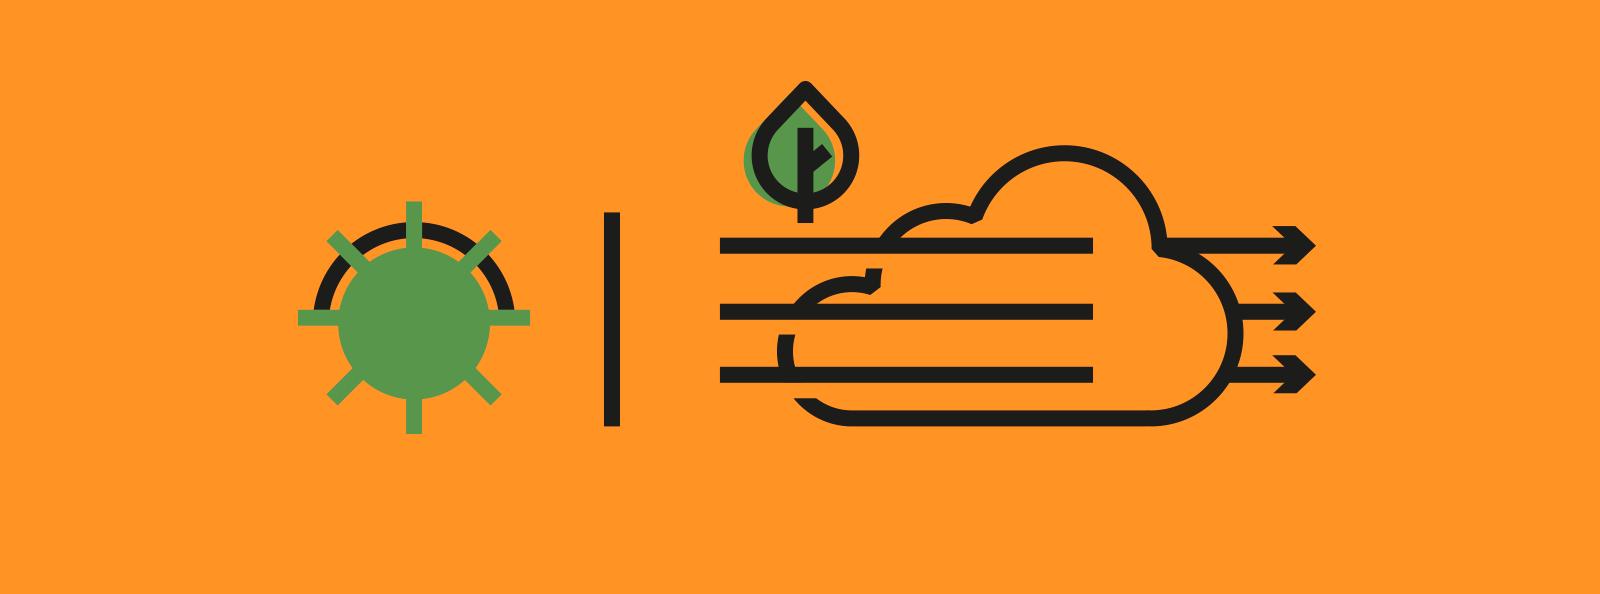 PuroPellet: Luz verde a episodios críticos para calidad del aire en el Maule